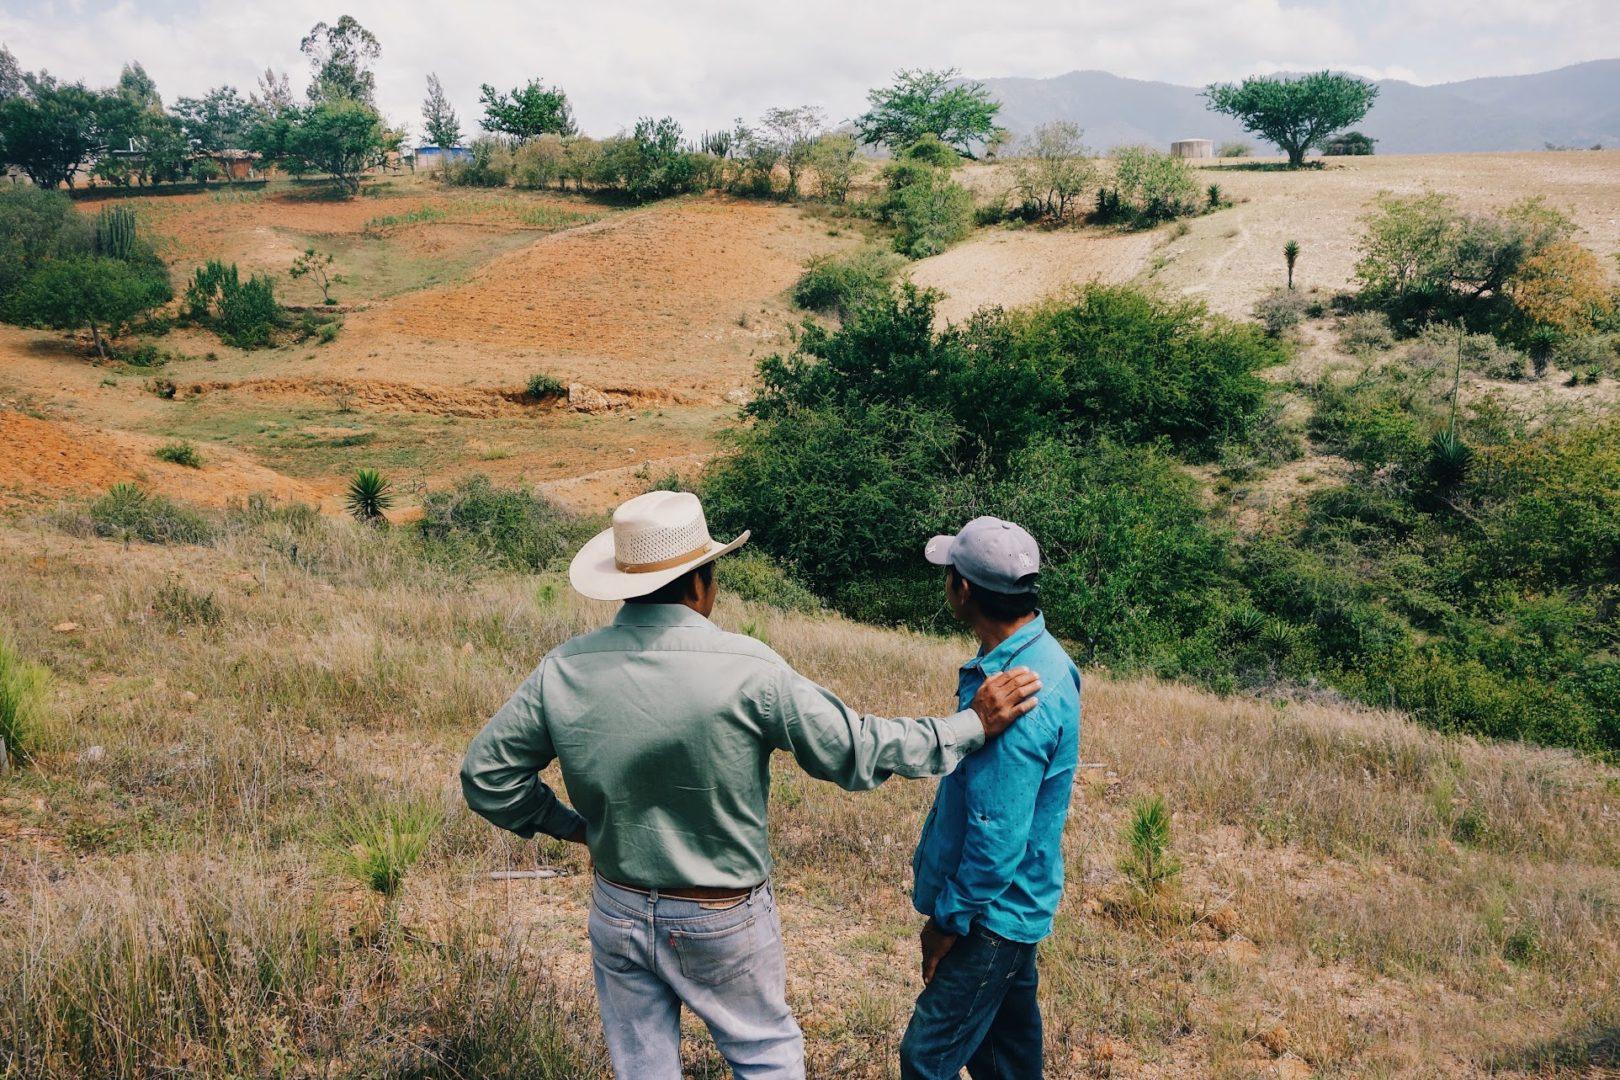 Overlooking hillsides and planning reforestation efforts in Chepeginio.